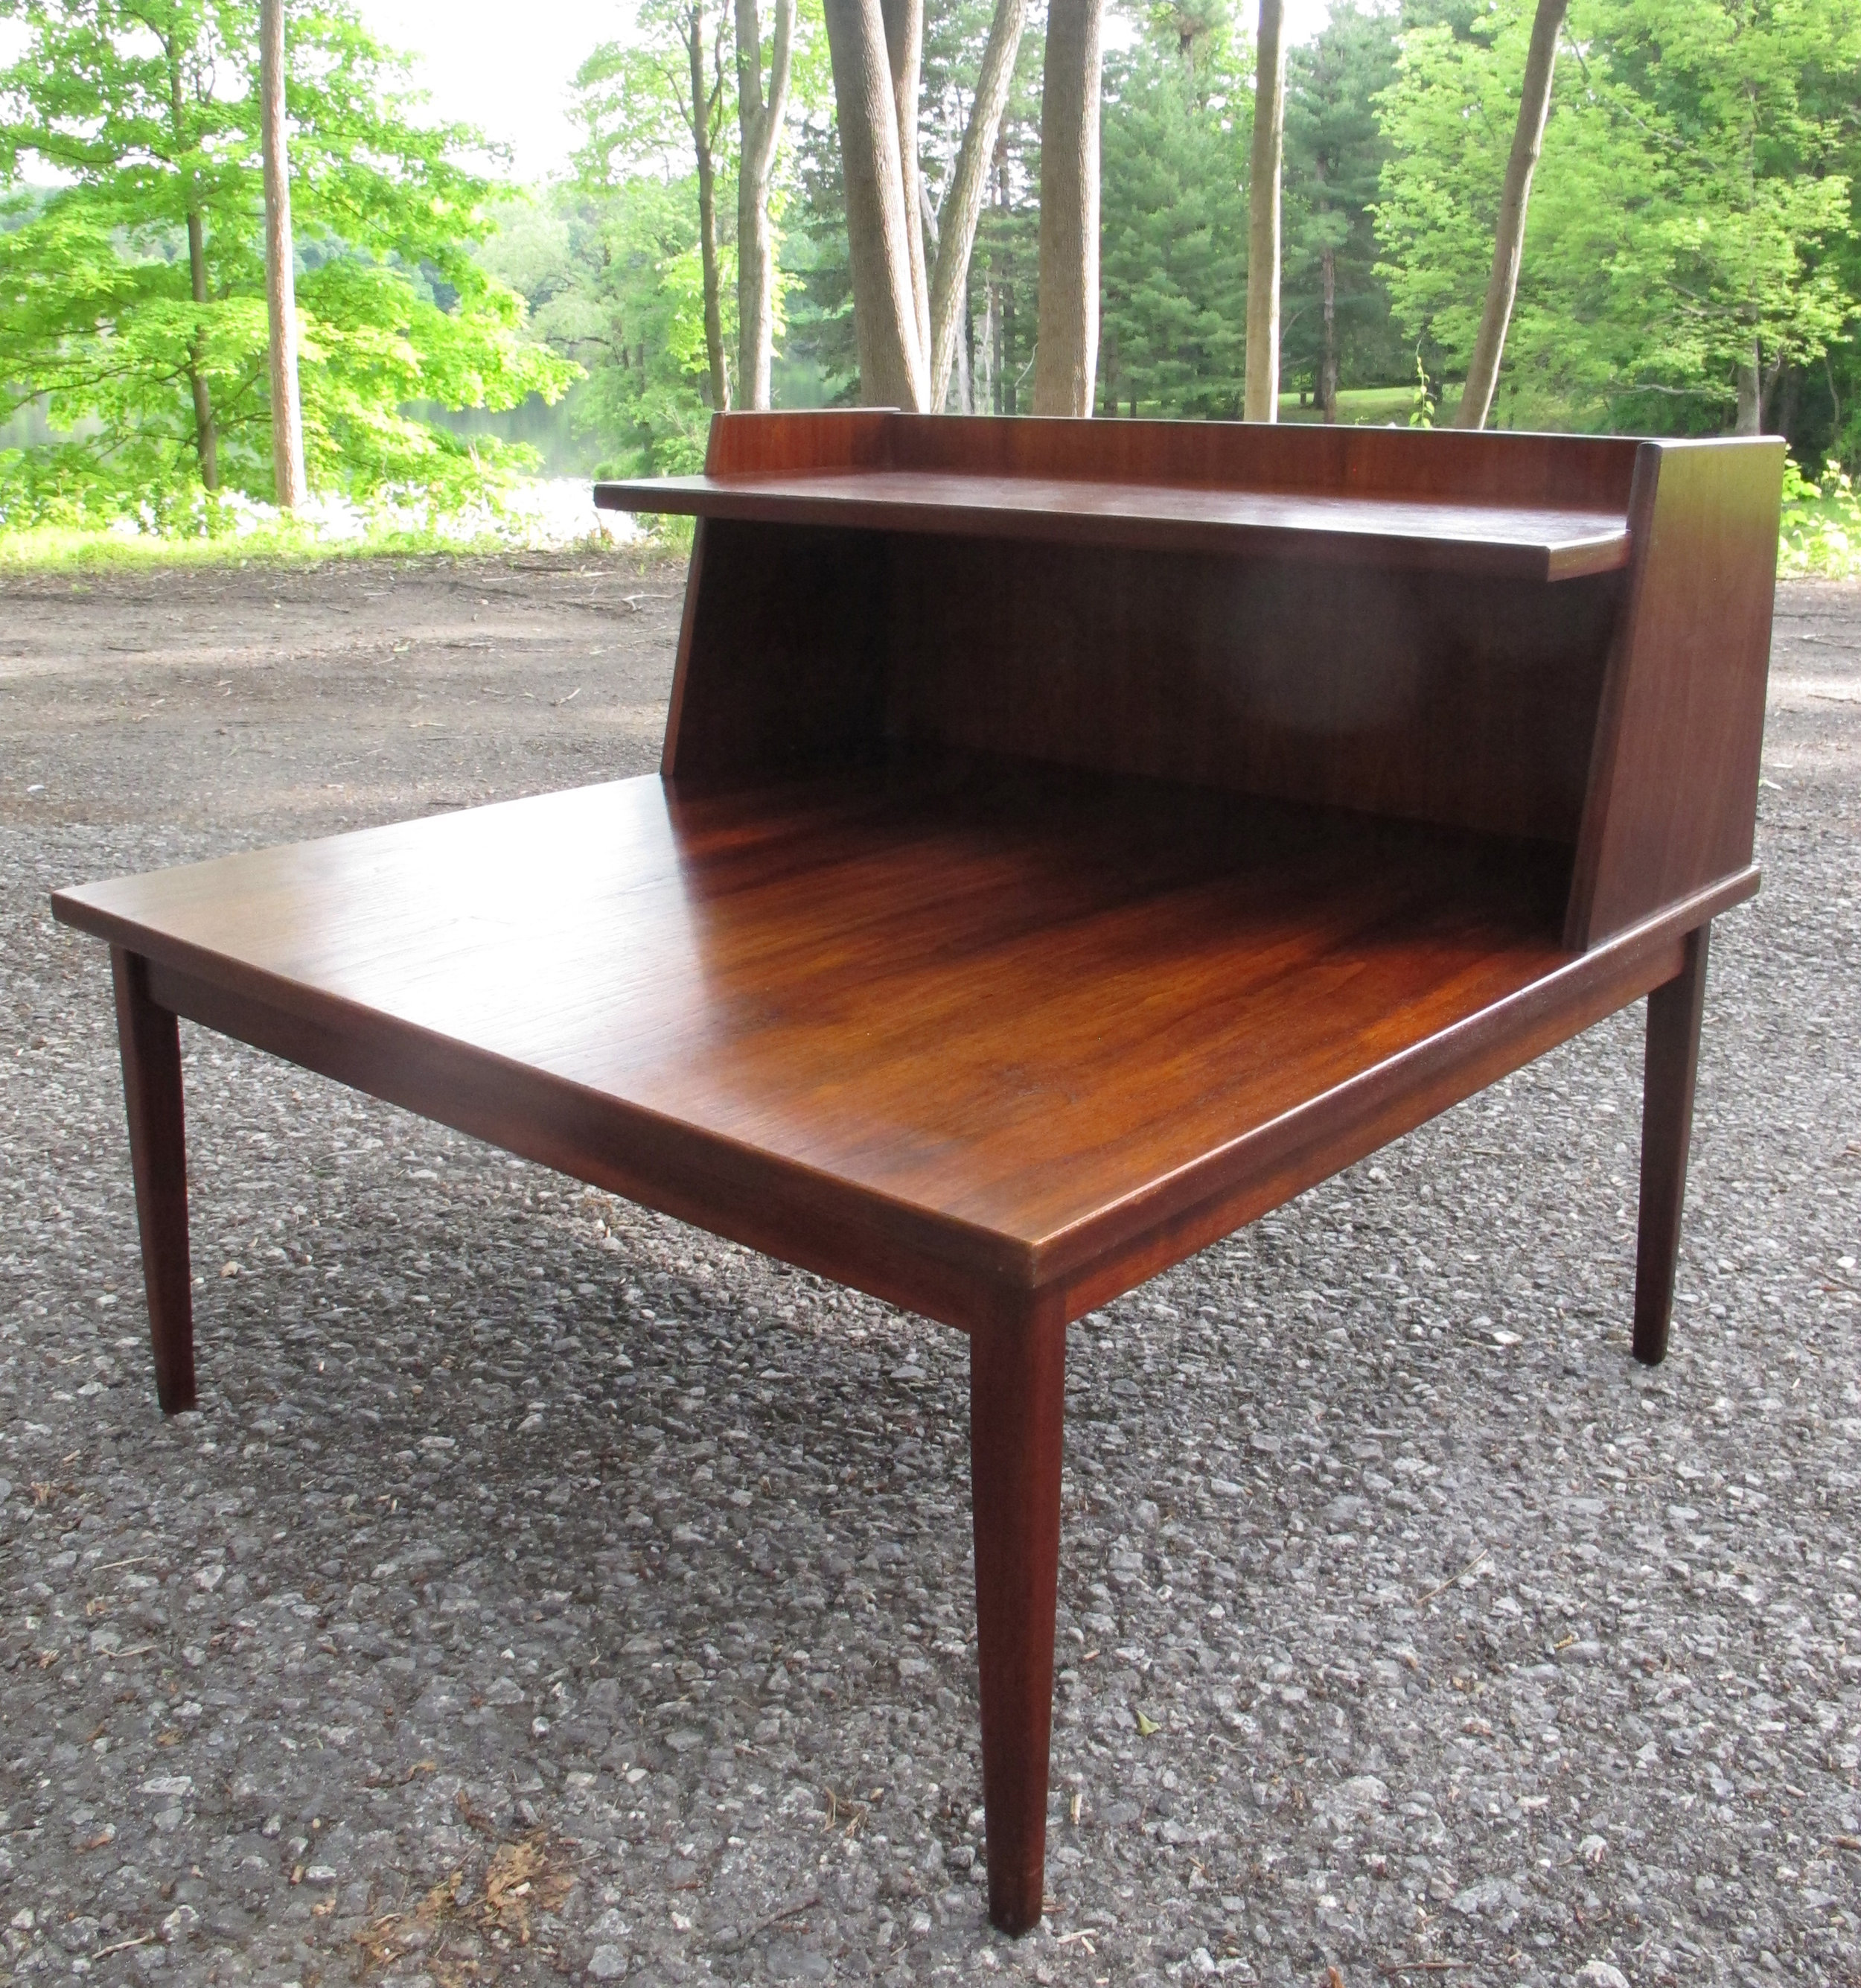 LARGE MID CENTURY MODERN WALNUT SIDE TABLE